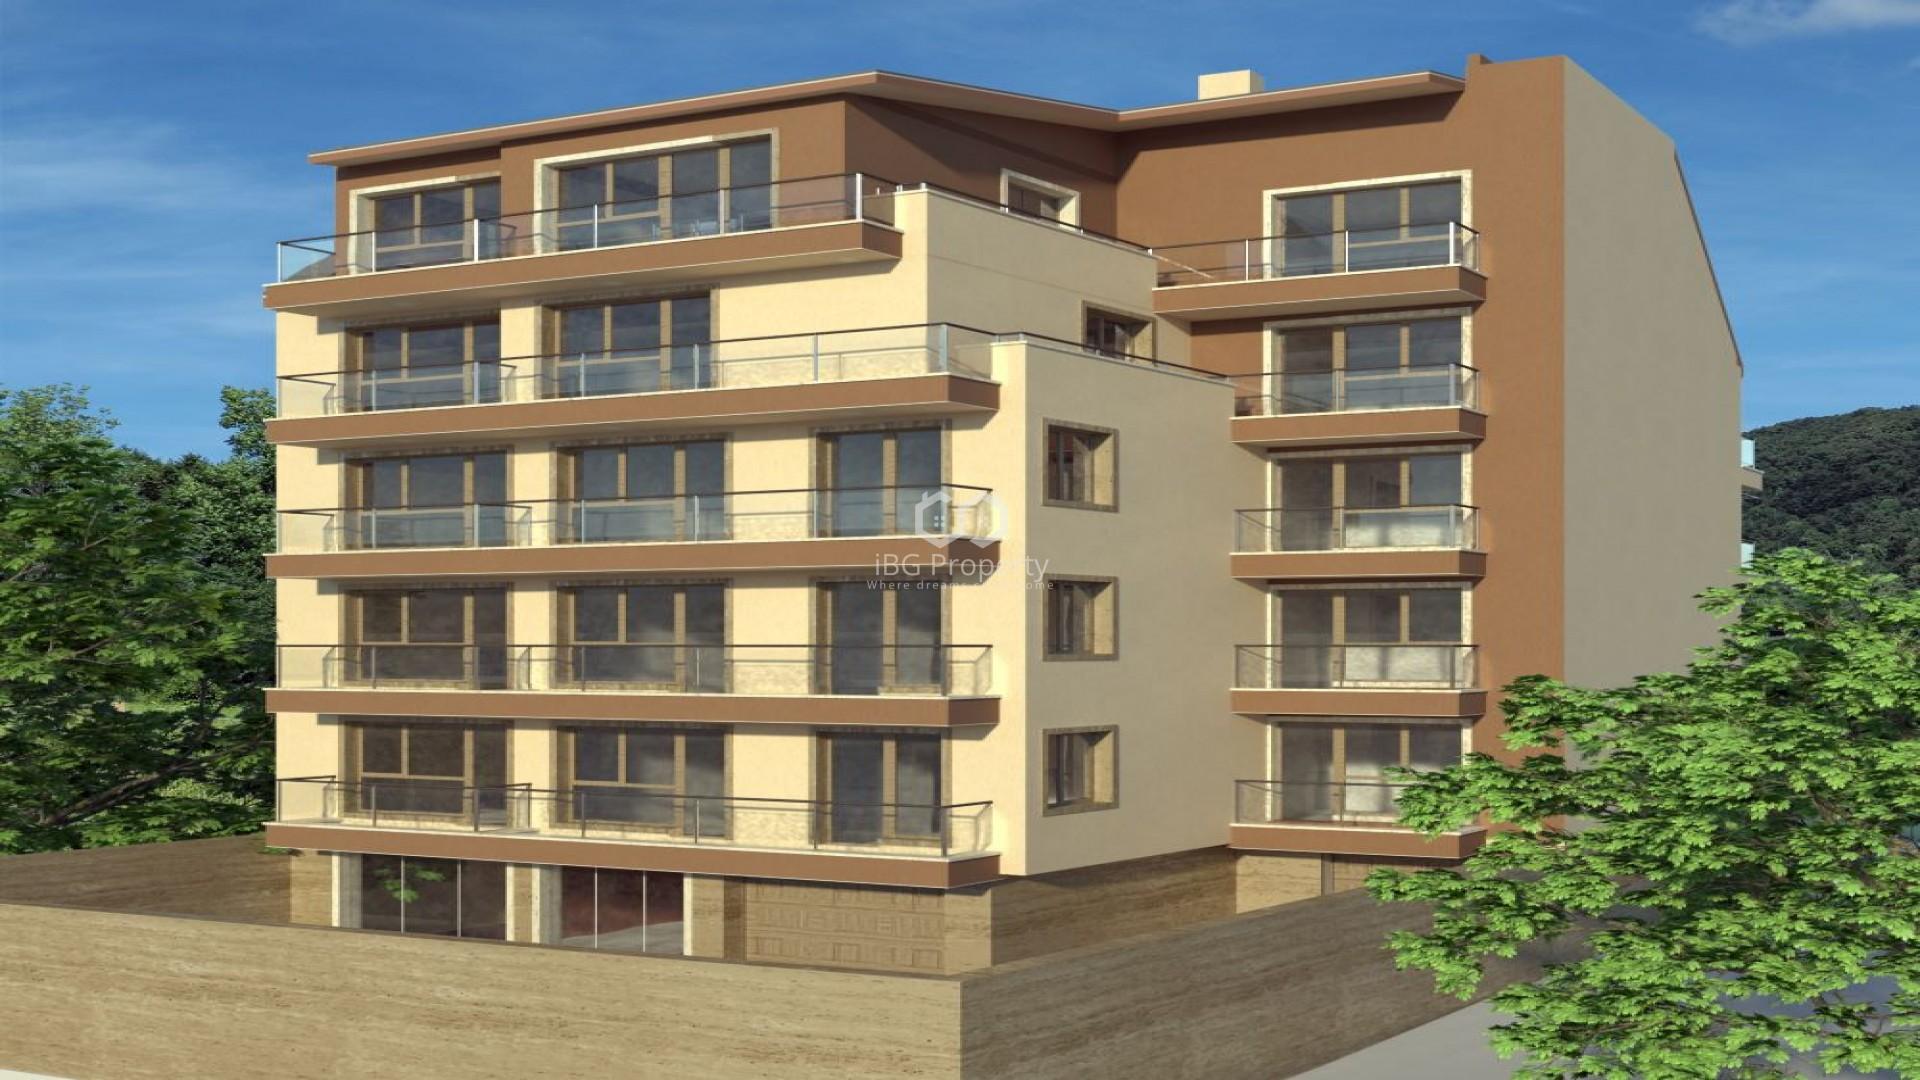 Einzimmerwohnung in in Varna Kolhozen pazar 55,80 m2